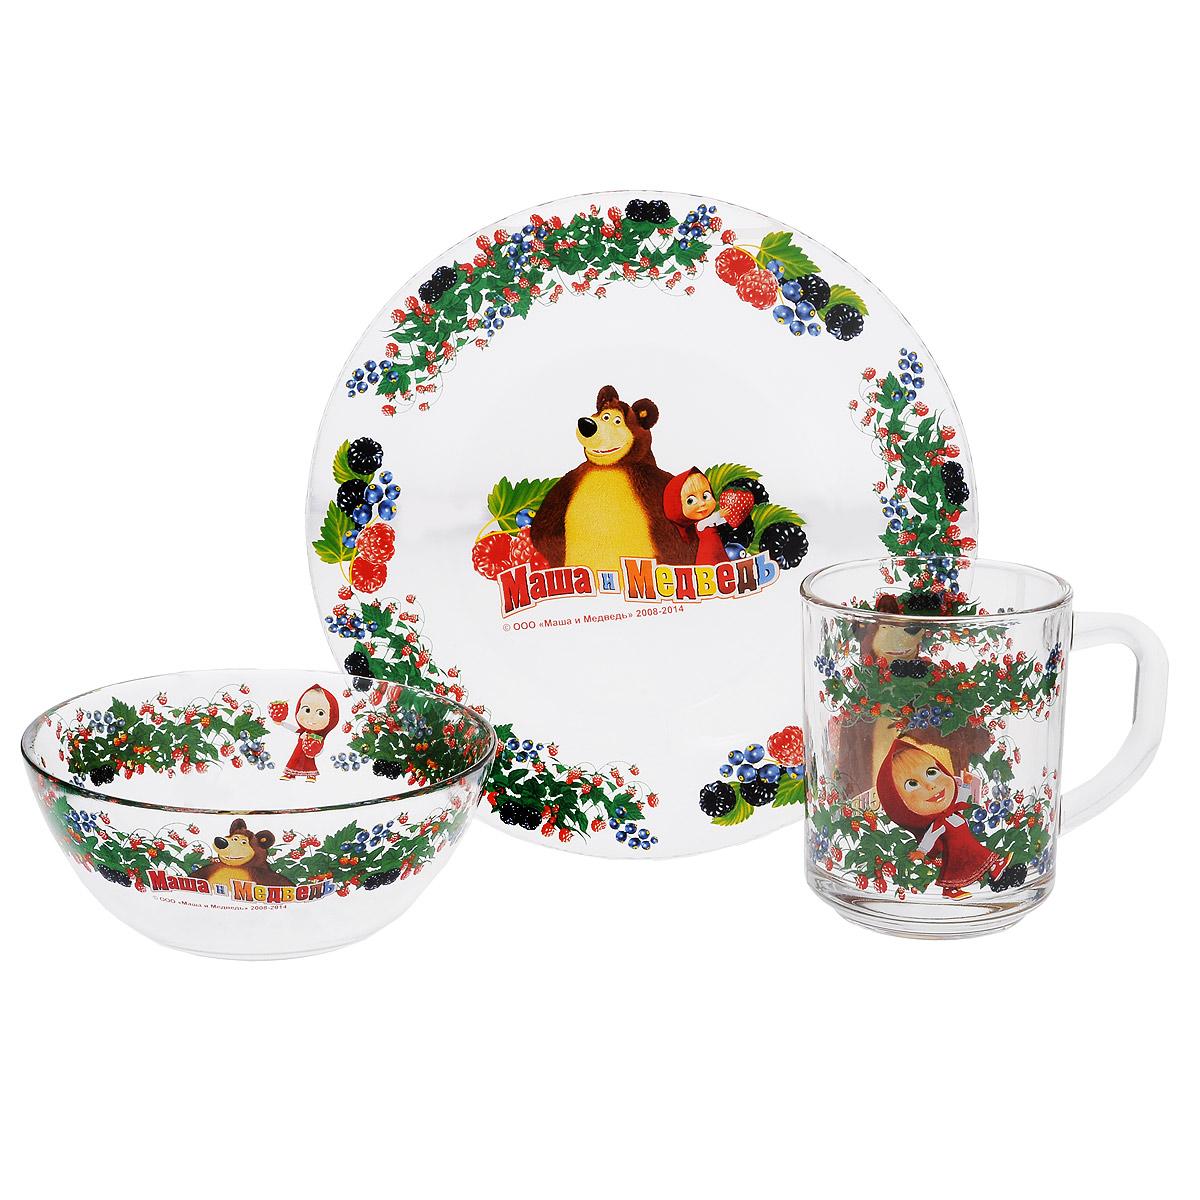 Набор детской посуды Маша и Медведь Малина, 3 предмета9559007Набор детской посуды Маша и Медведь Малина, выполненный из прозрачного стекла, состоит из кружки, тарелки и салатника. Материалы изделий нетоксичны и безопасны для детского здоровья. Изделия оформлены изображением любимых героев популярного мультфильма Маша и Медведь. Детская посуда удобна и увлекательна для вашего малыша. Привычная еда станет более вкусной и приятной, если процесс кормления сопровождать игрой и сказками о любимых героях. Красочная посуда является залогом хорошего настроения и аппетита ваших детей. Пригодна для мытья в посудомоечной машине. Диаметр тарелка: 19,5 см. Диаметр салатника: 12,5 см. Высота салатника: 5,5 см. Объем кружки: 250 мл. Диаметр кружки (по верхнему краю): 7 см. Высота кружки: 9 см.